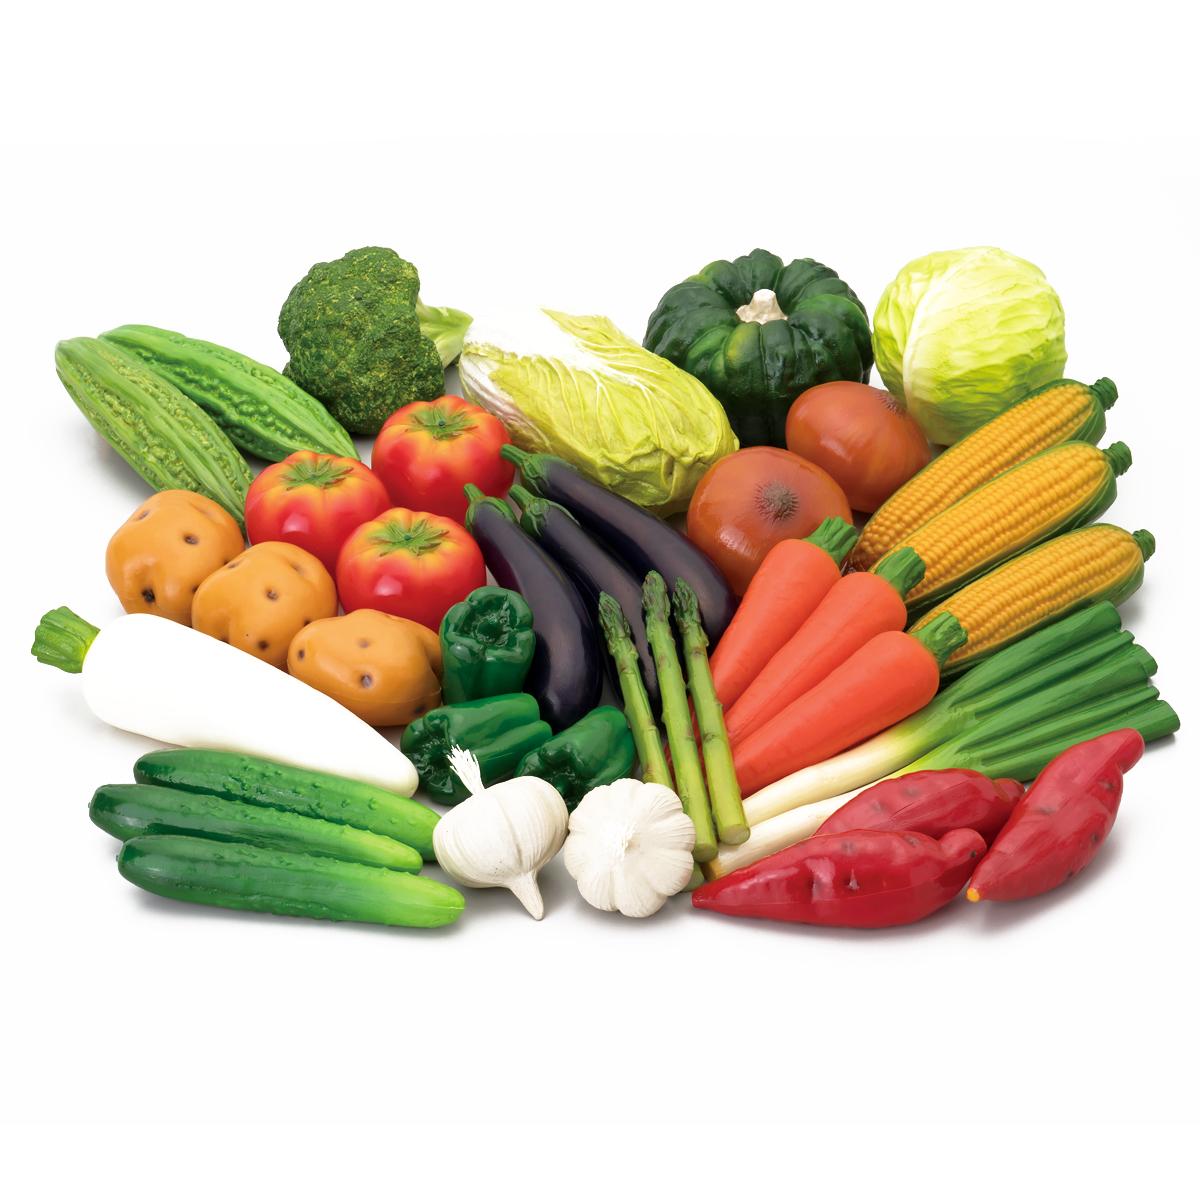 <お取り寄せ品>野菜模型 18種40点セット 塩ビ製 【 作り物 写生 ディスプレイ用 】